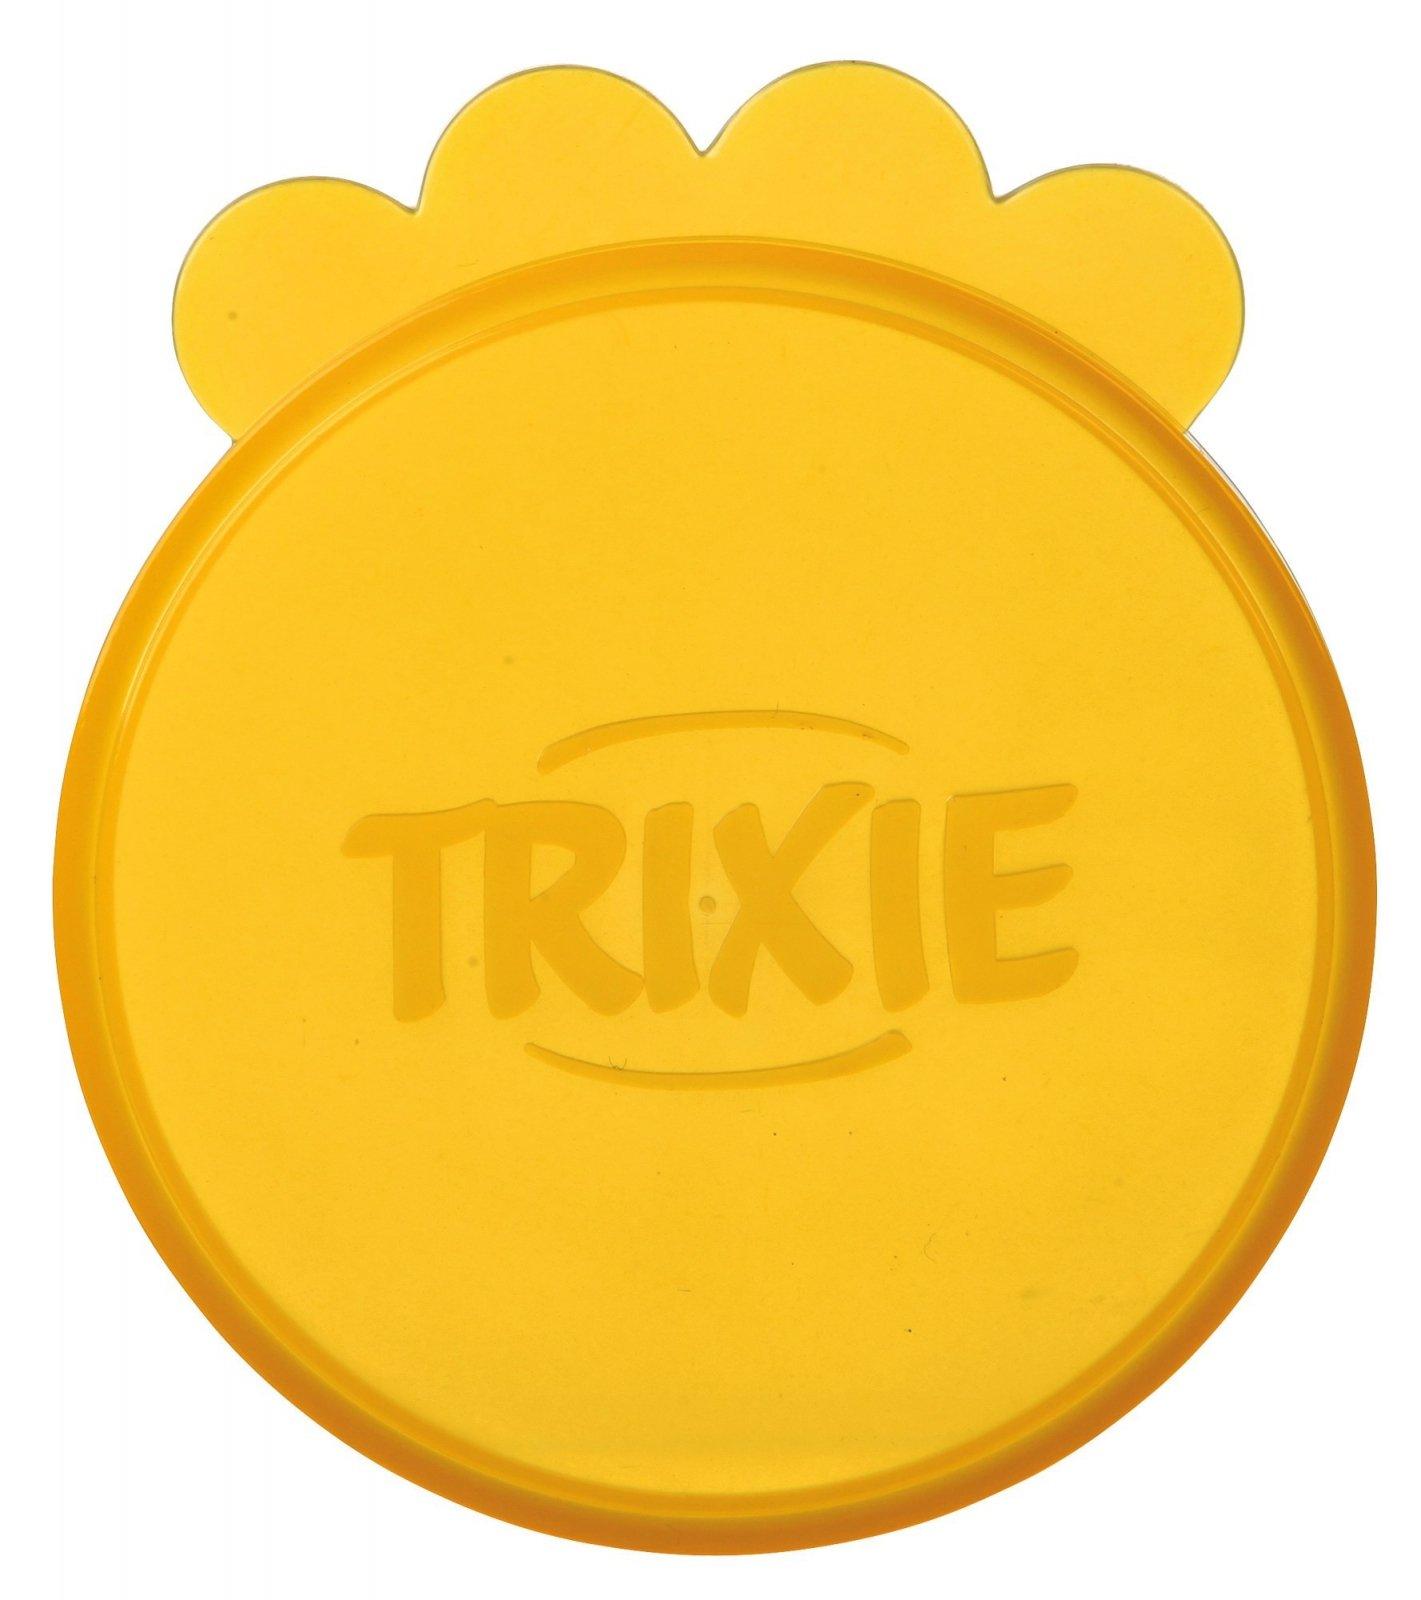 Trixie Capac Plastic pentru Conserve, 3 bucati